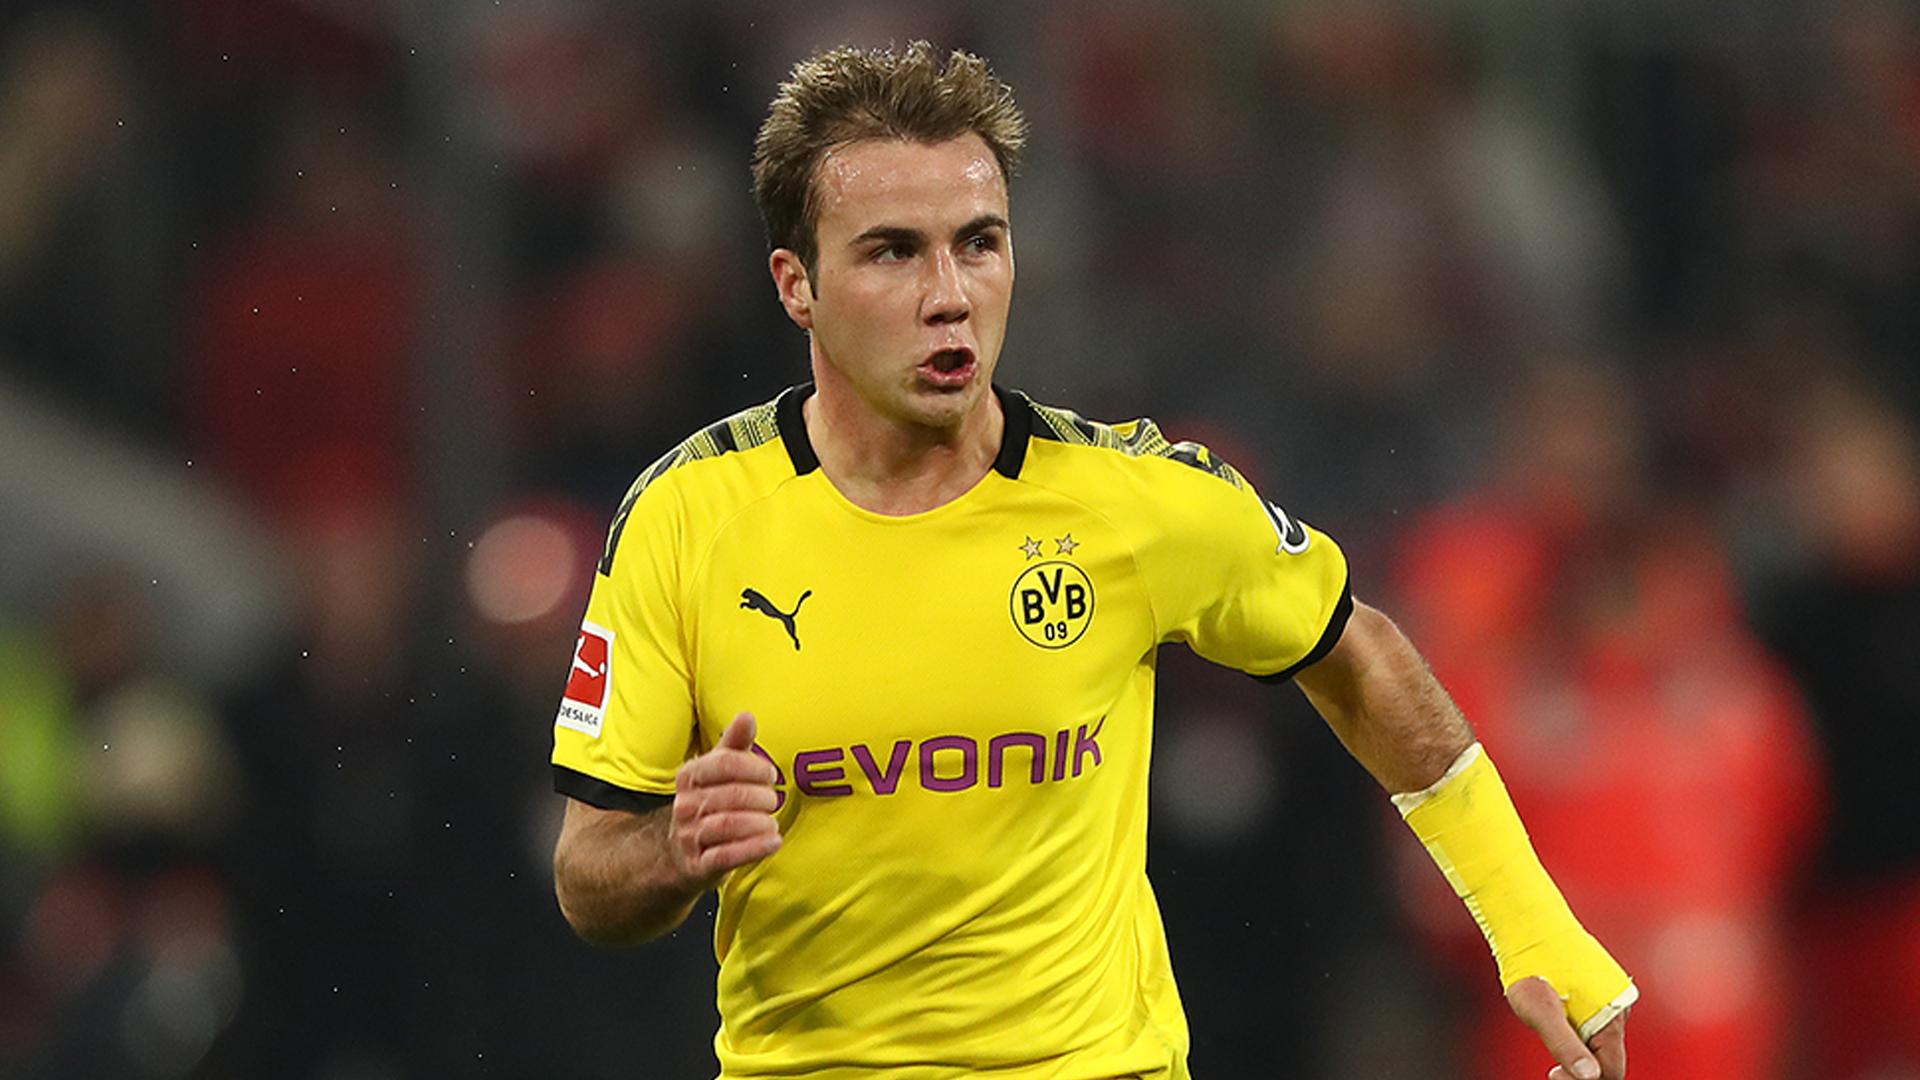 Hertha Berlin confirm interest in former Bayern and Dortmund midfielder Gotze